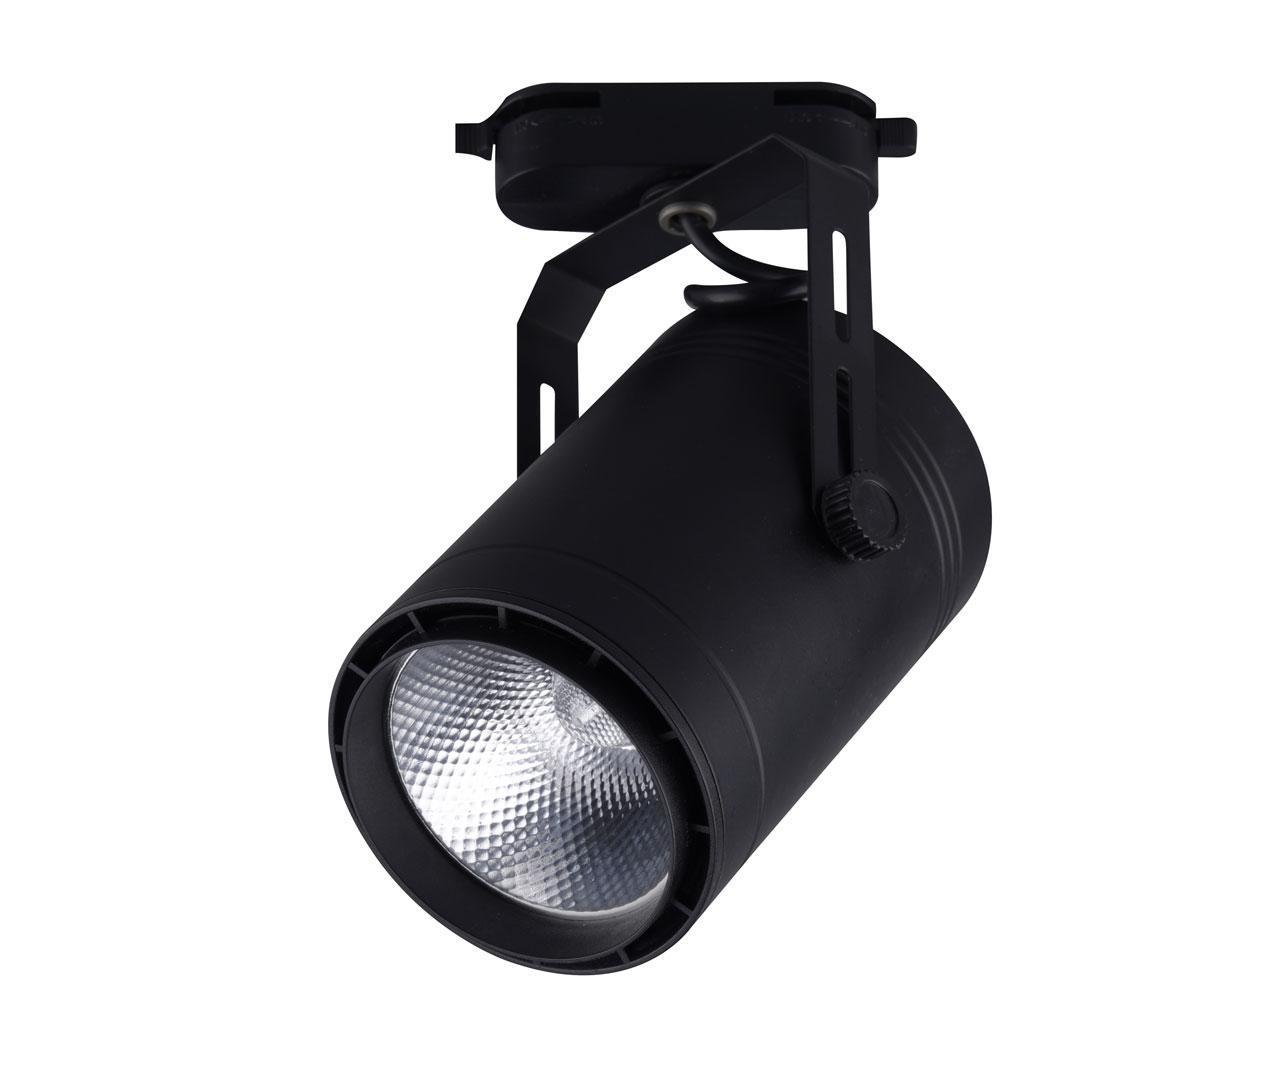 Трековый светодиодный светильник Kink Light Треки 6483-1,19 светильник на штанге kink light треки 6483 2 19